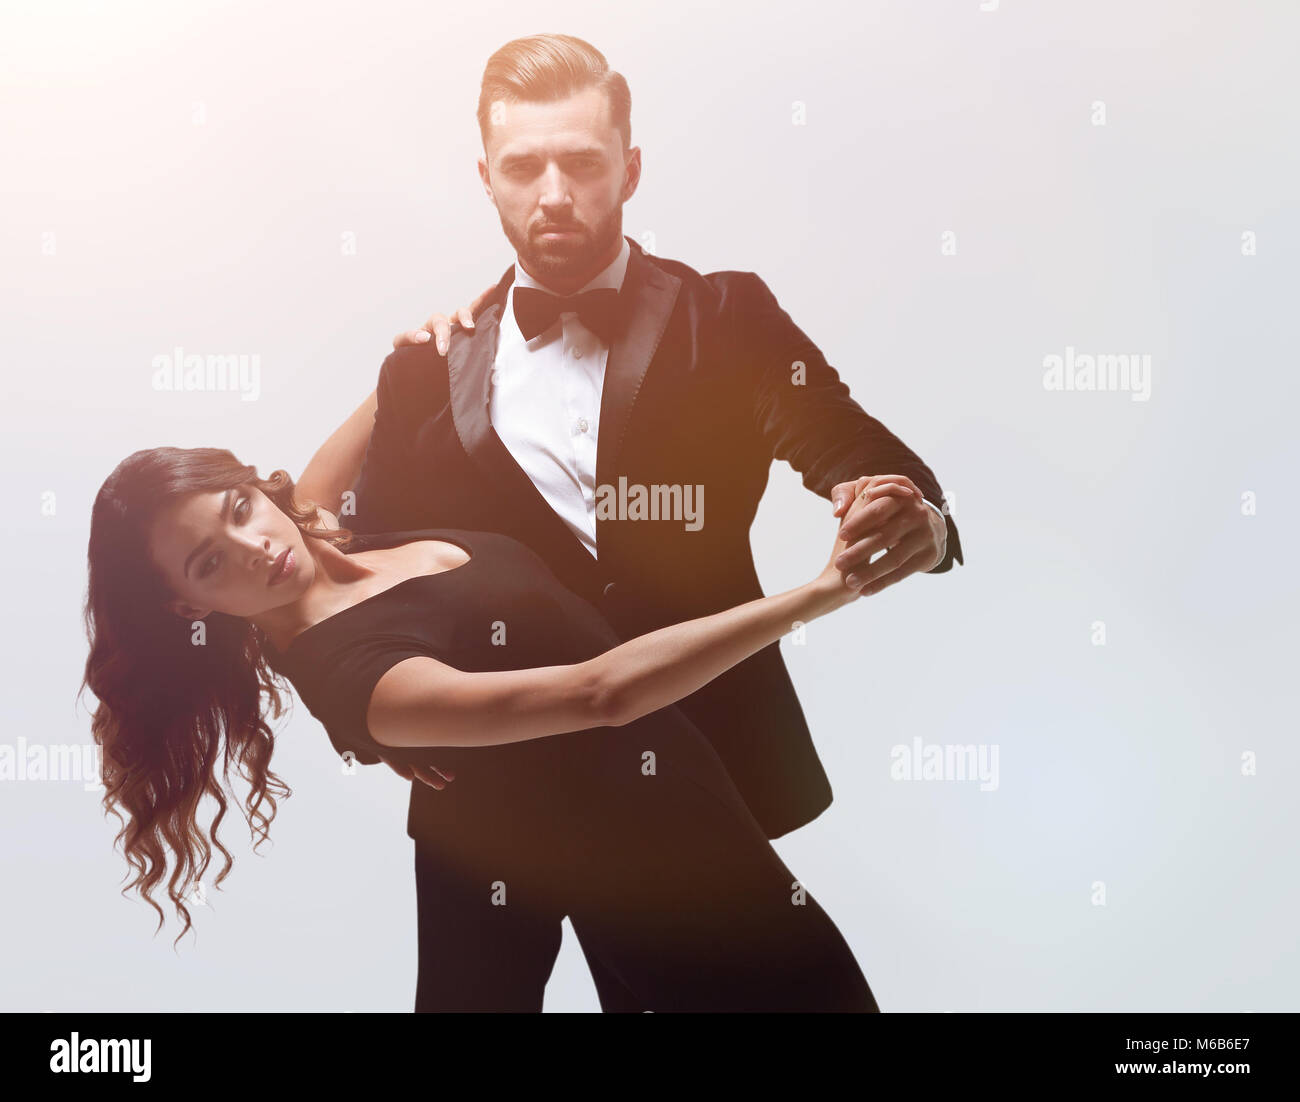 Attractive model couple passionate love